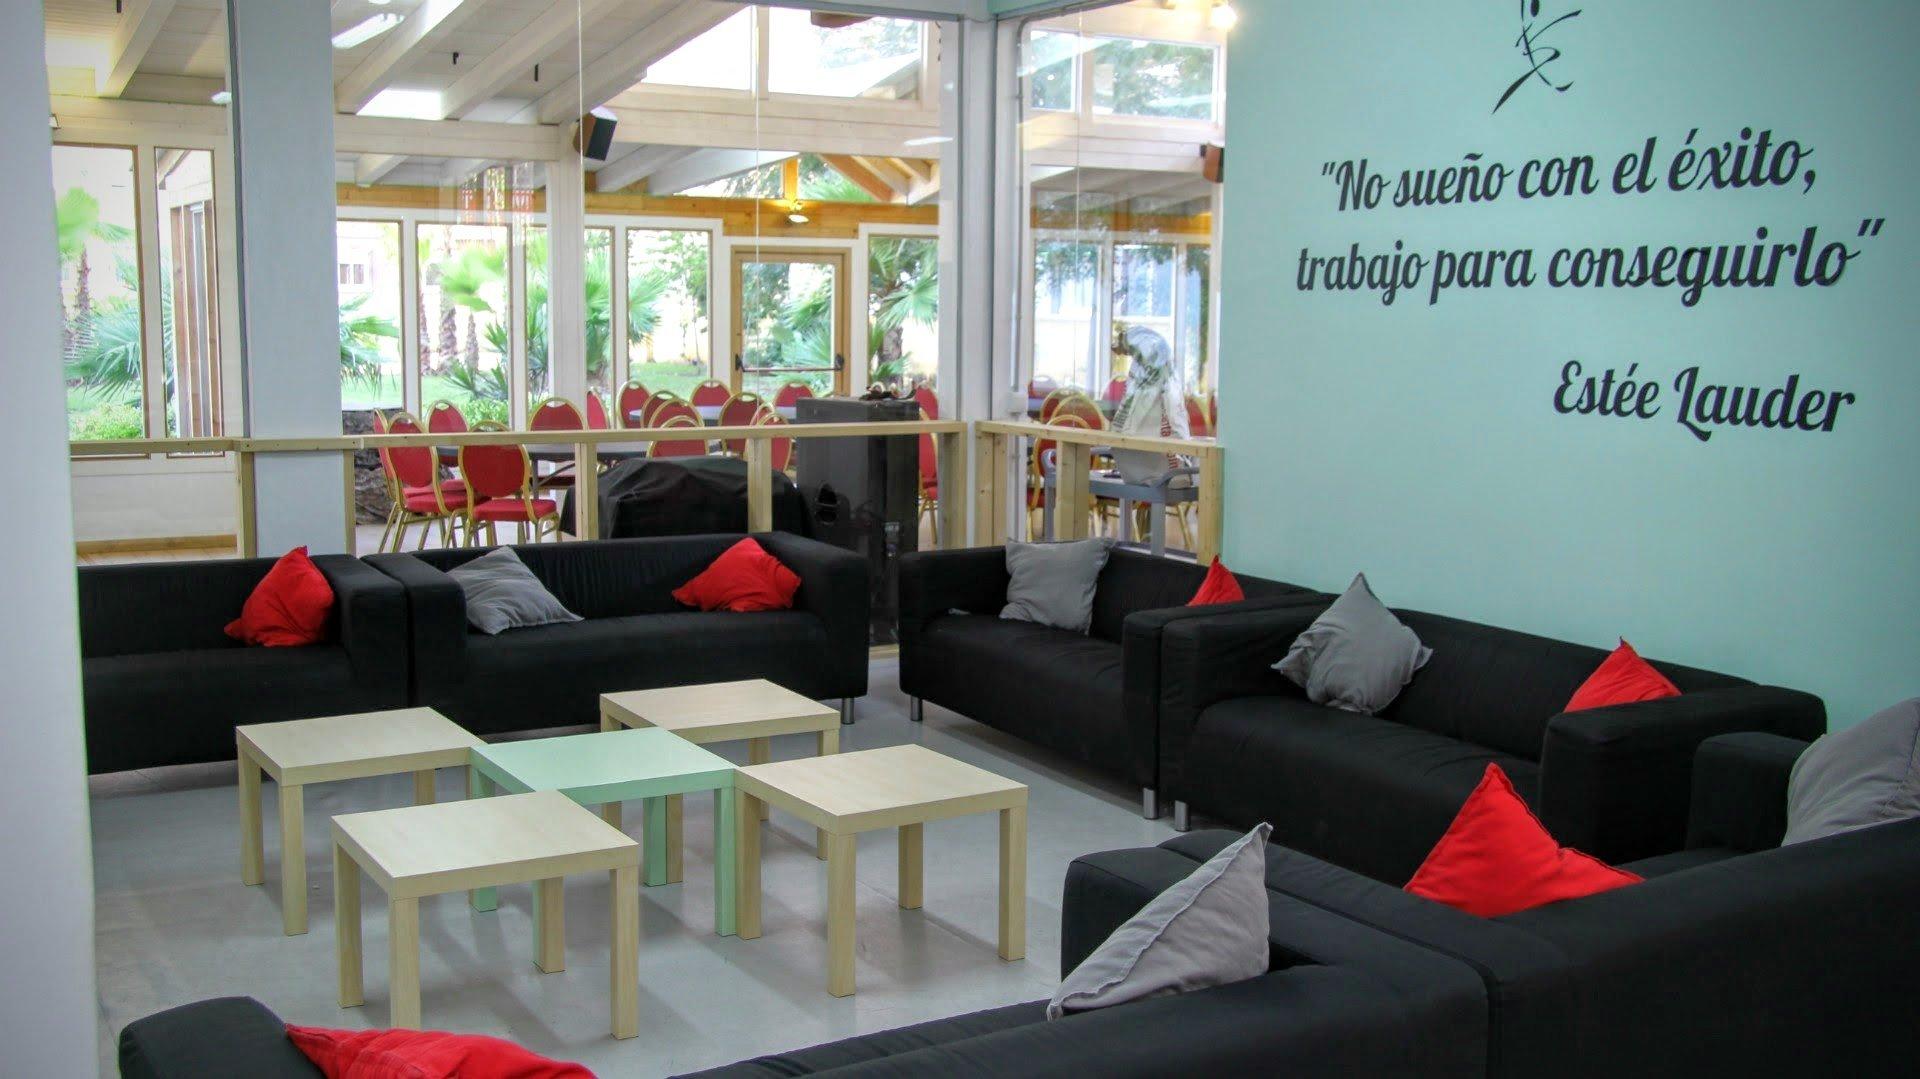 residencia-estudiantes-salon